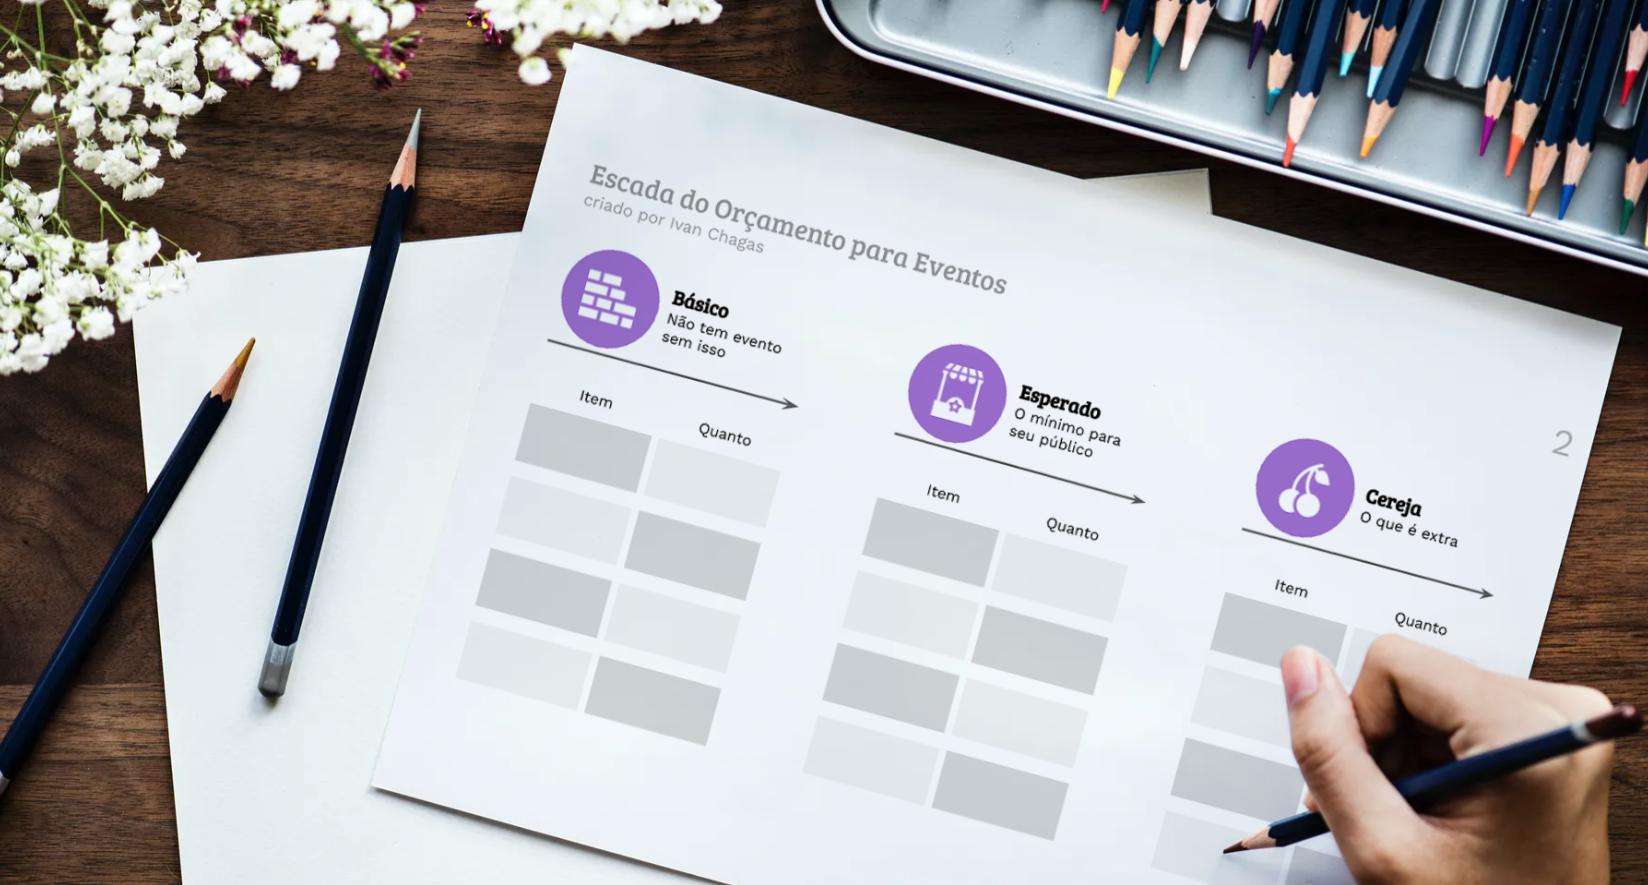 Escada do Orçamento: construa um orçamento que seja utilizado pela sua equipe e ajude a priorizar as compras.